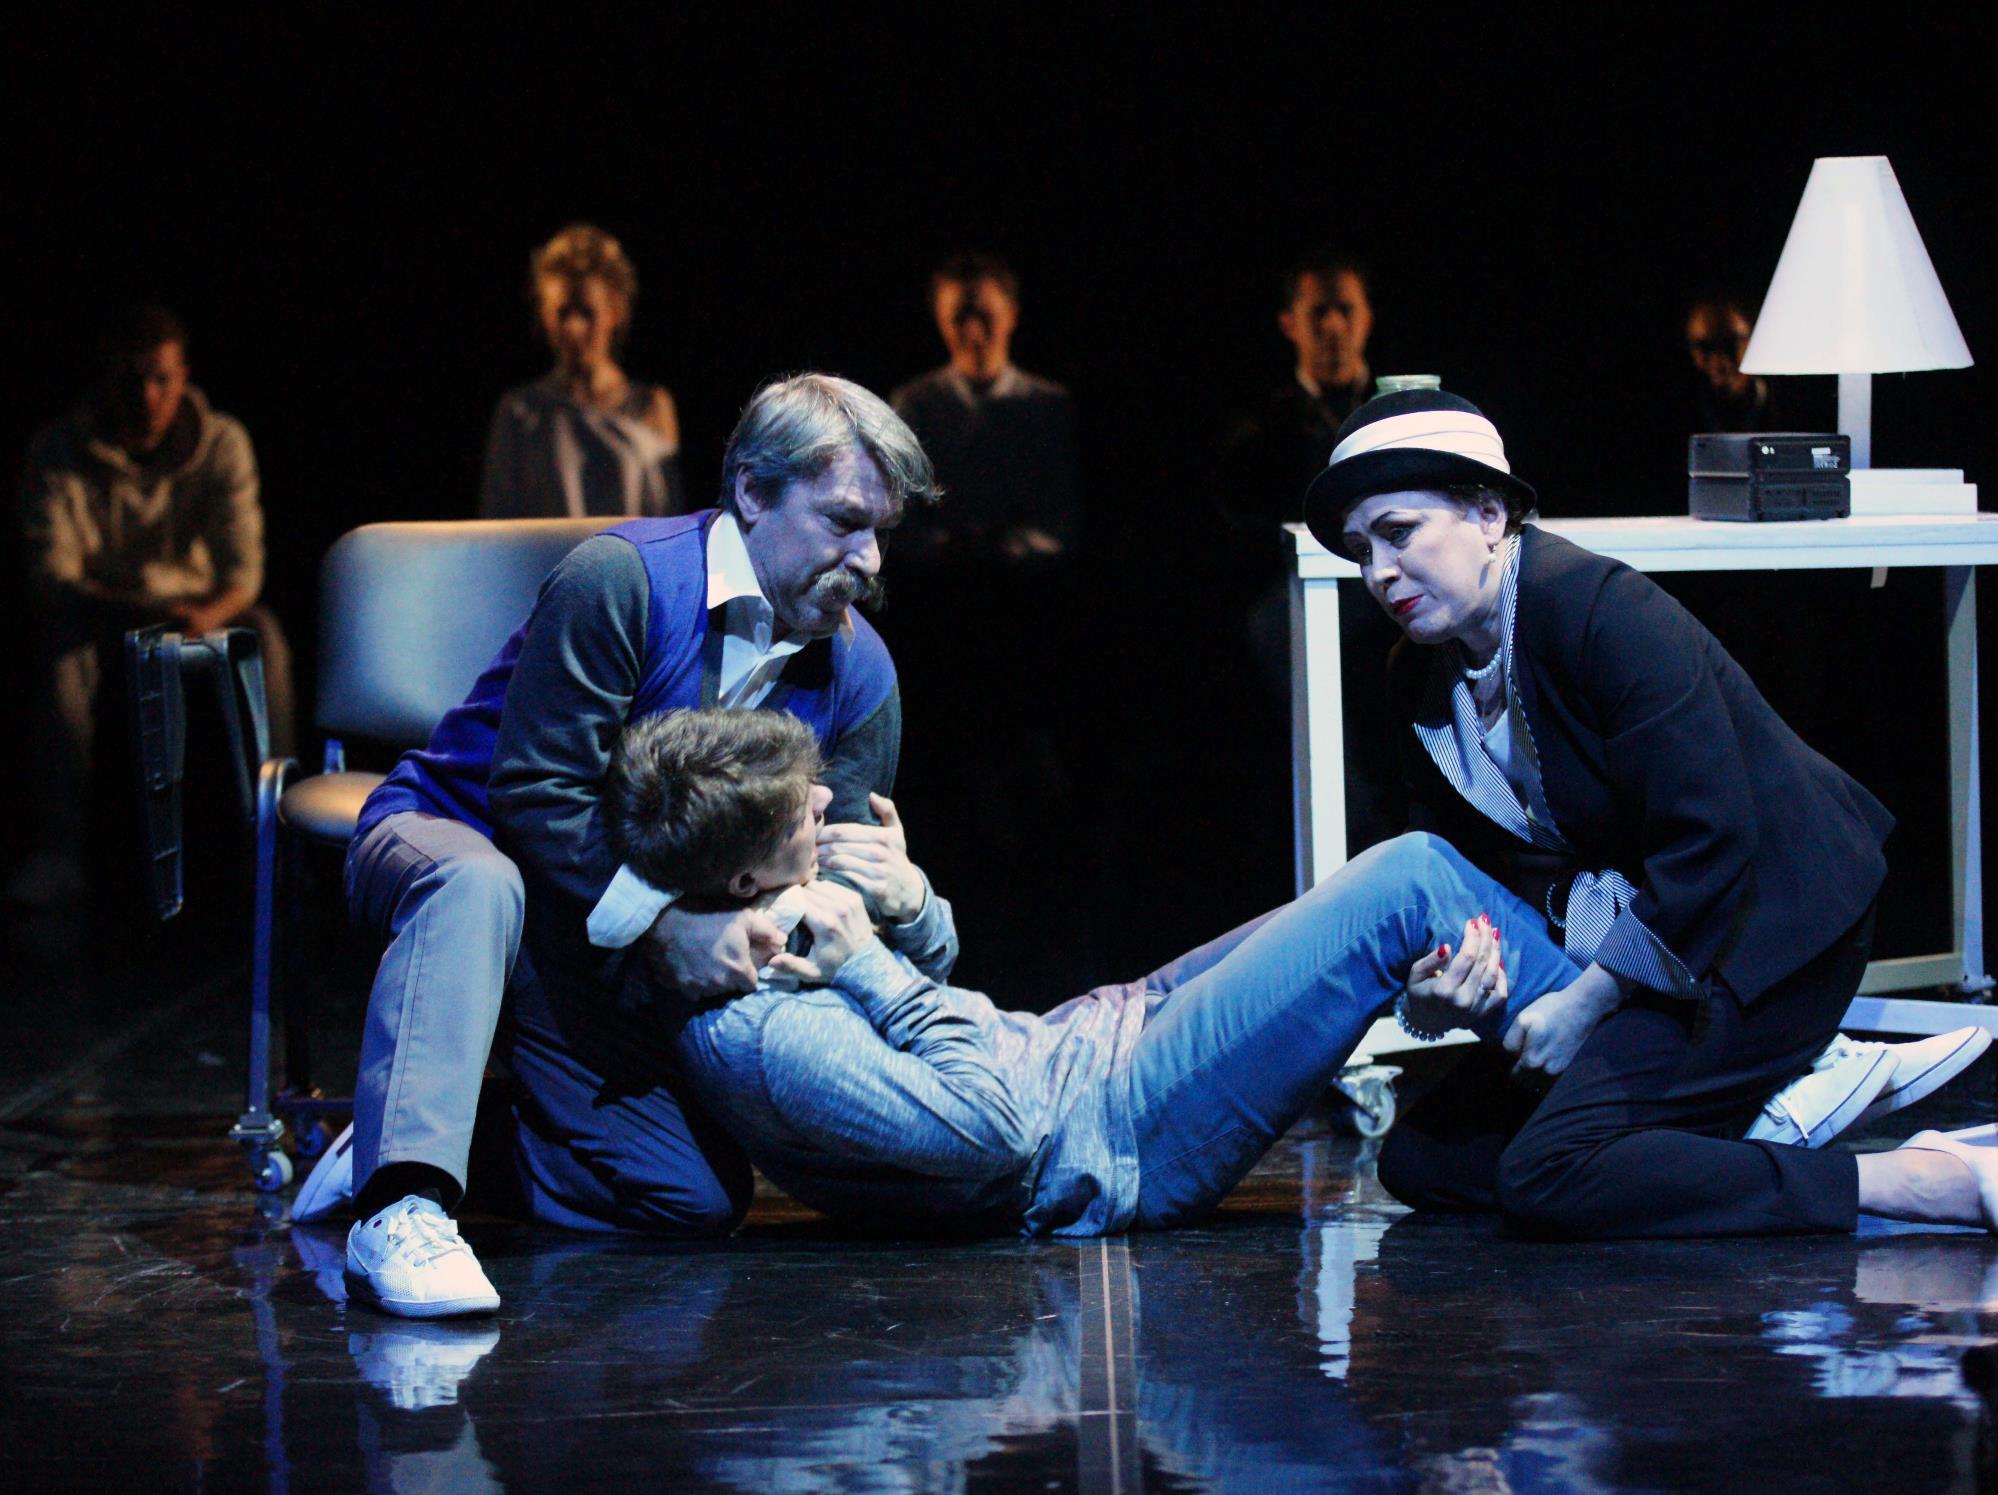 Спектакль «Все оттенки голубого» в Театре «Сатирикон» фото 7